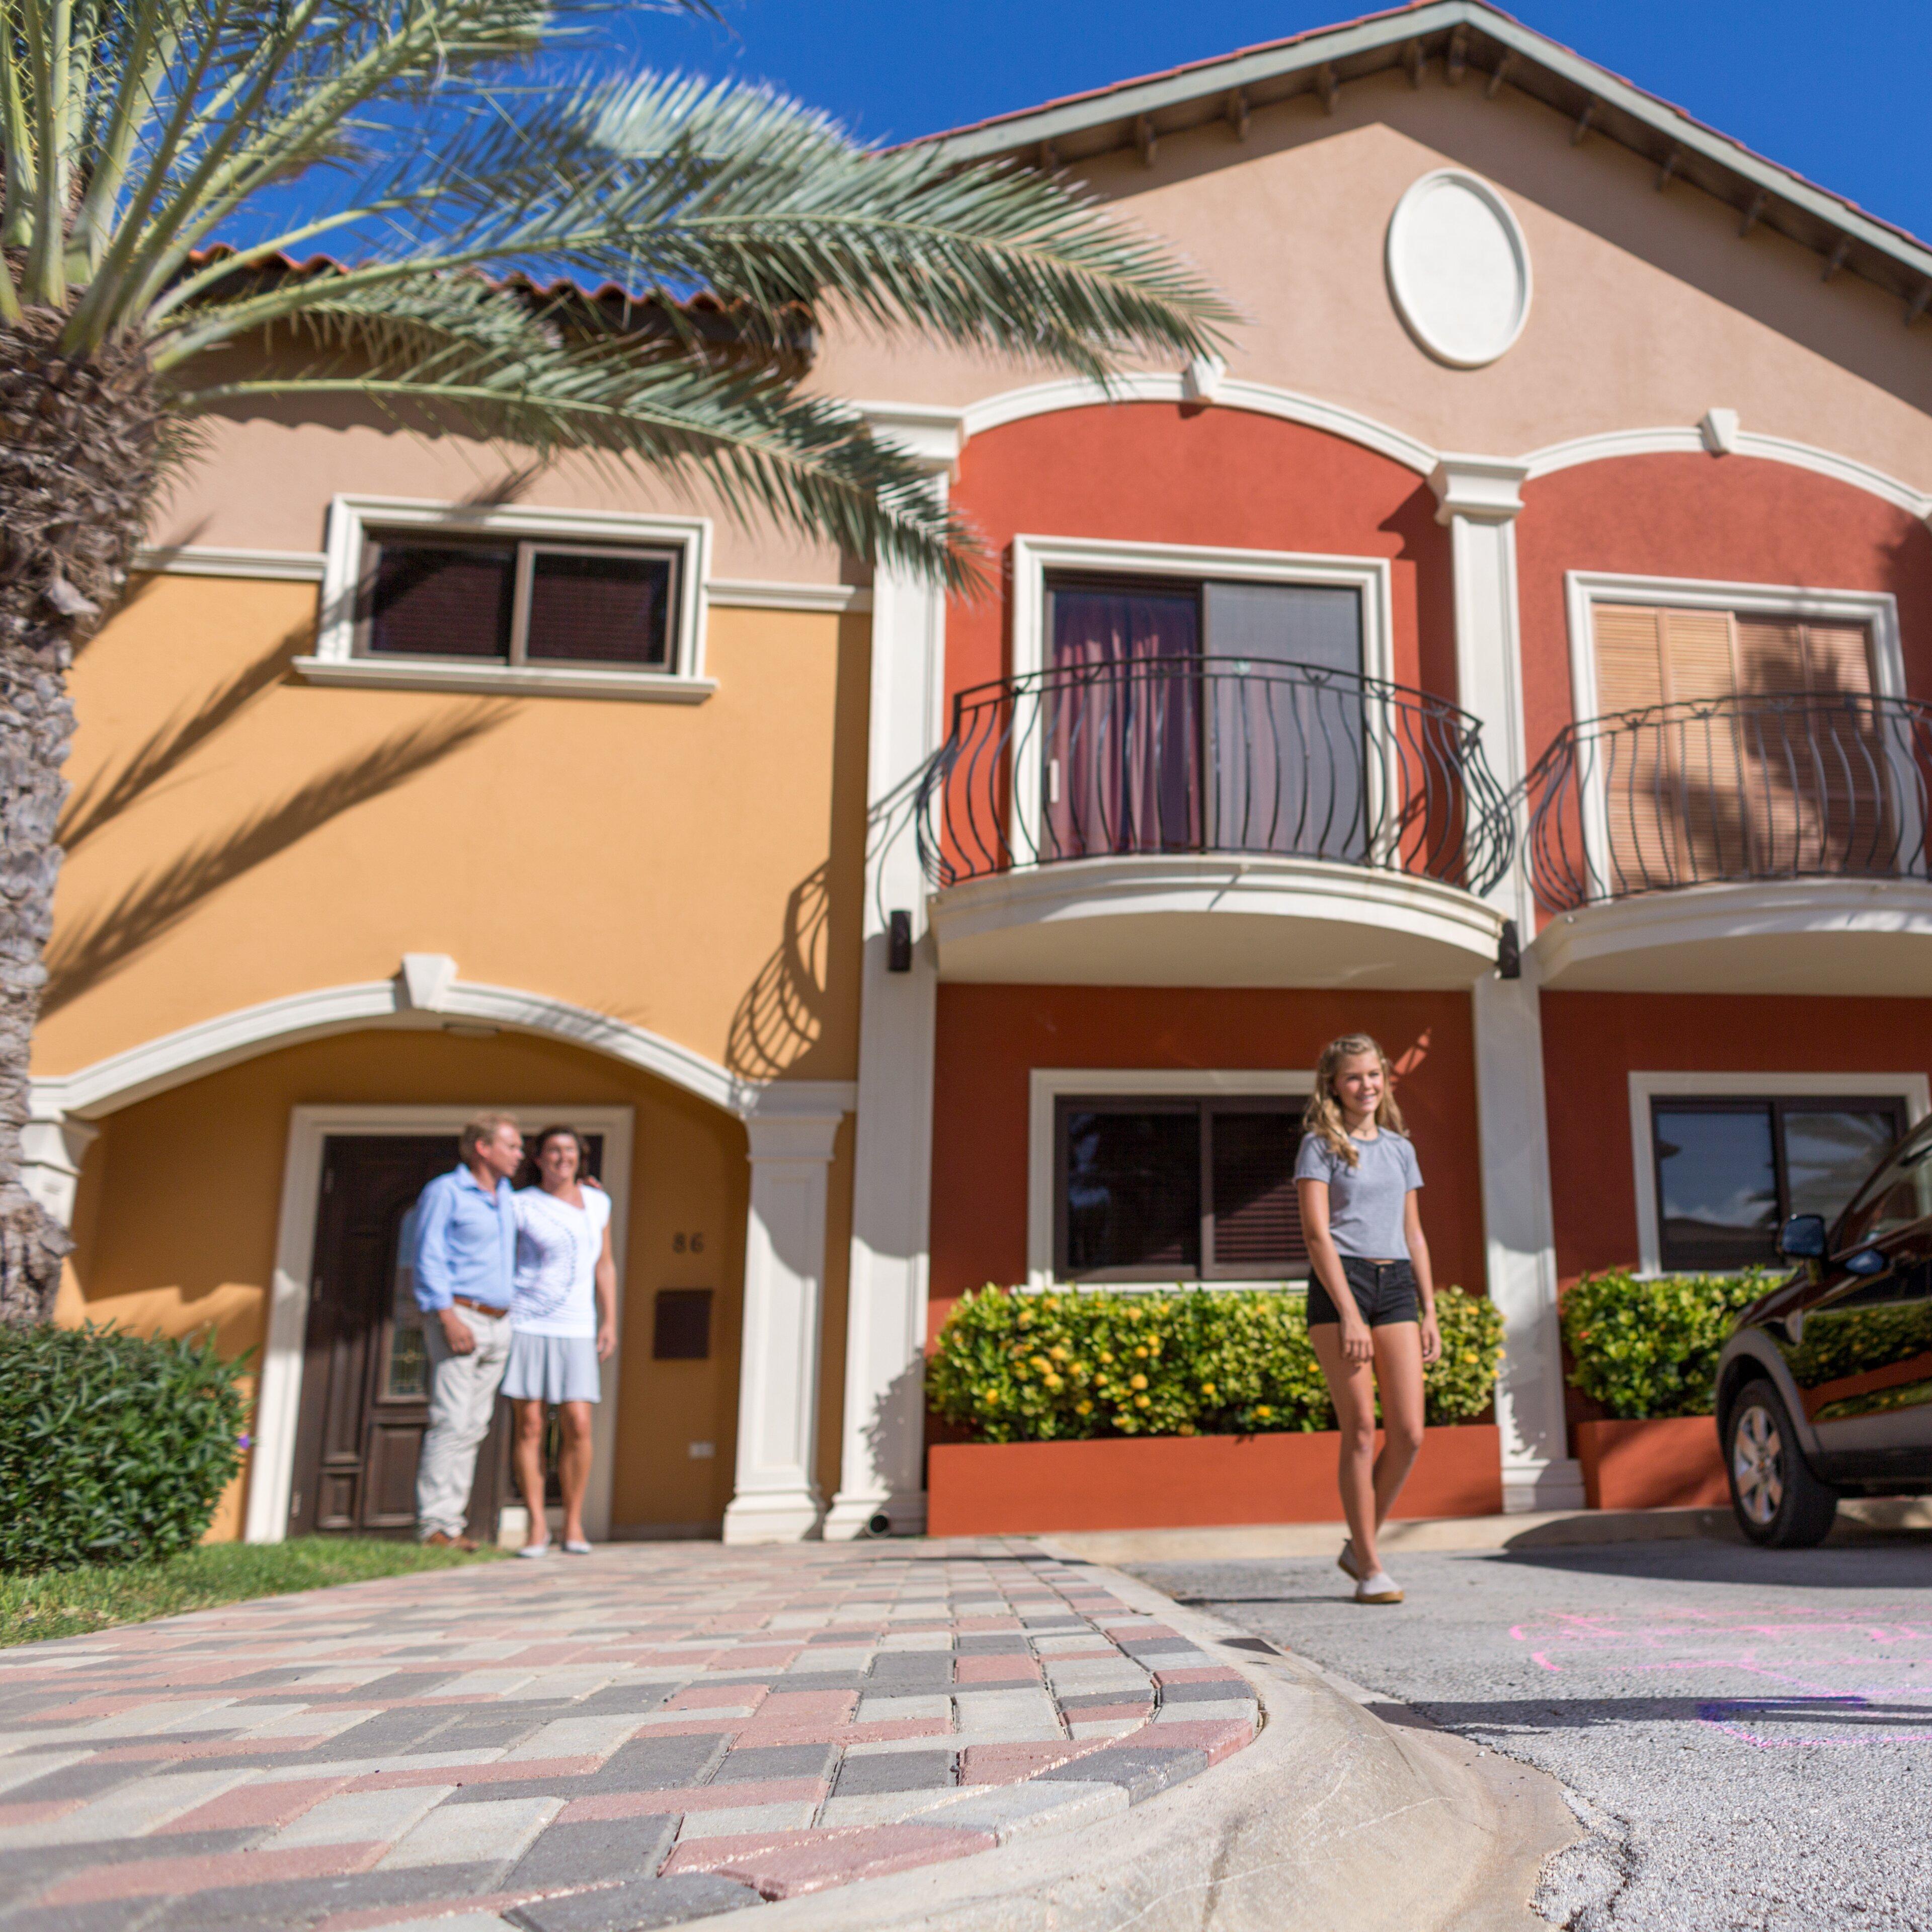 Aruba Villa Rentals - Best Private Homes & Villas in the